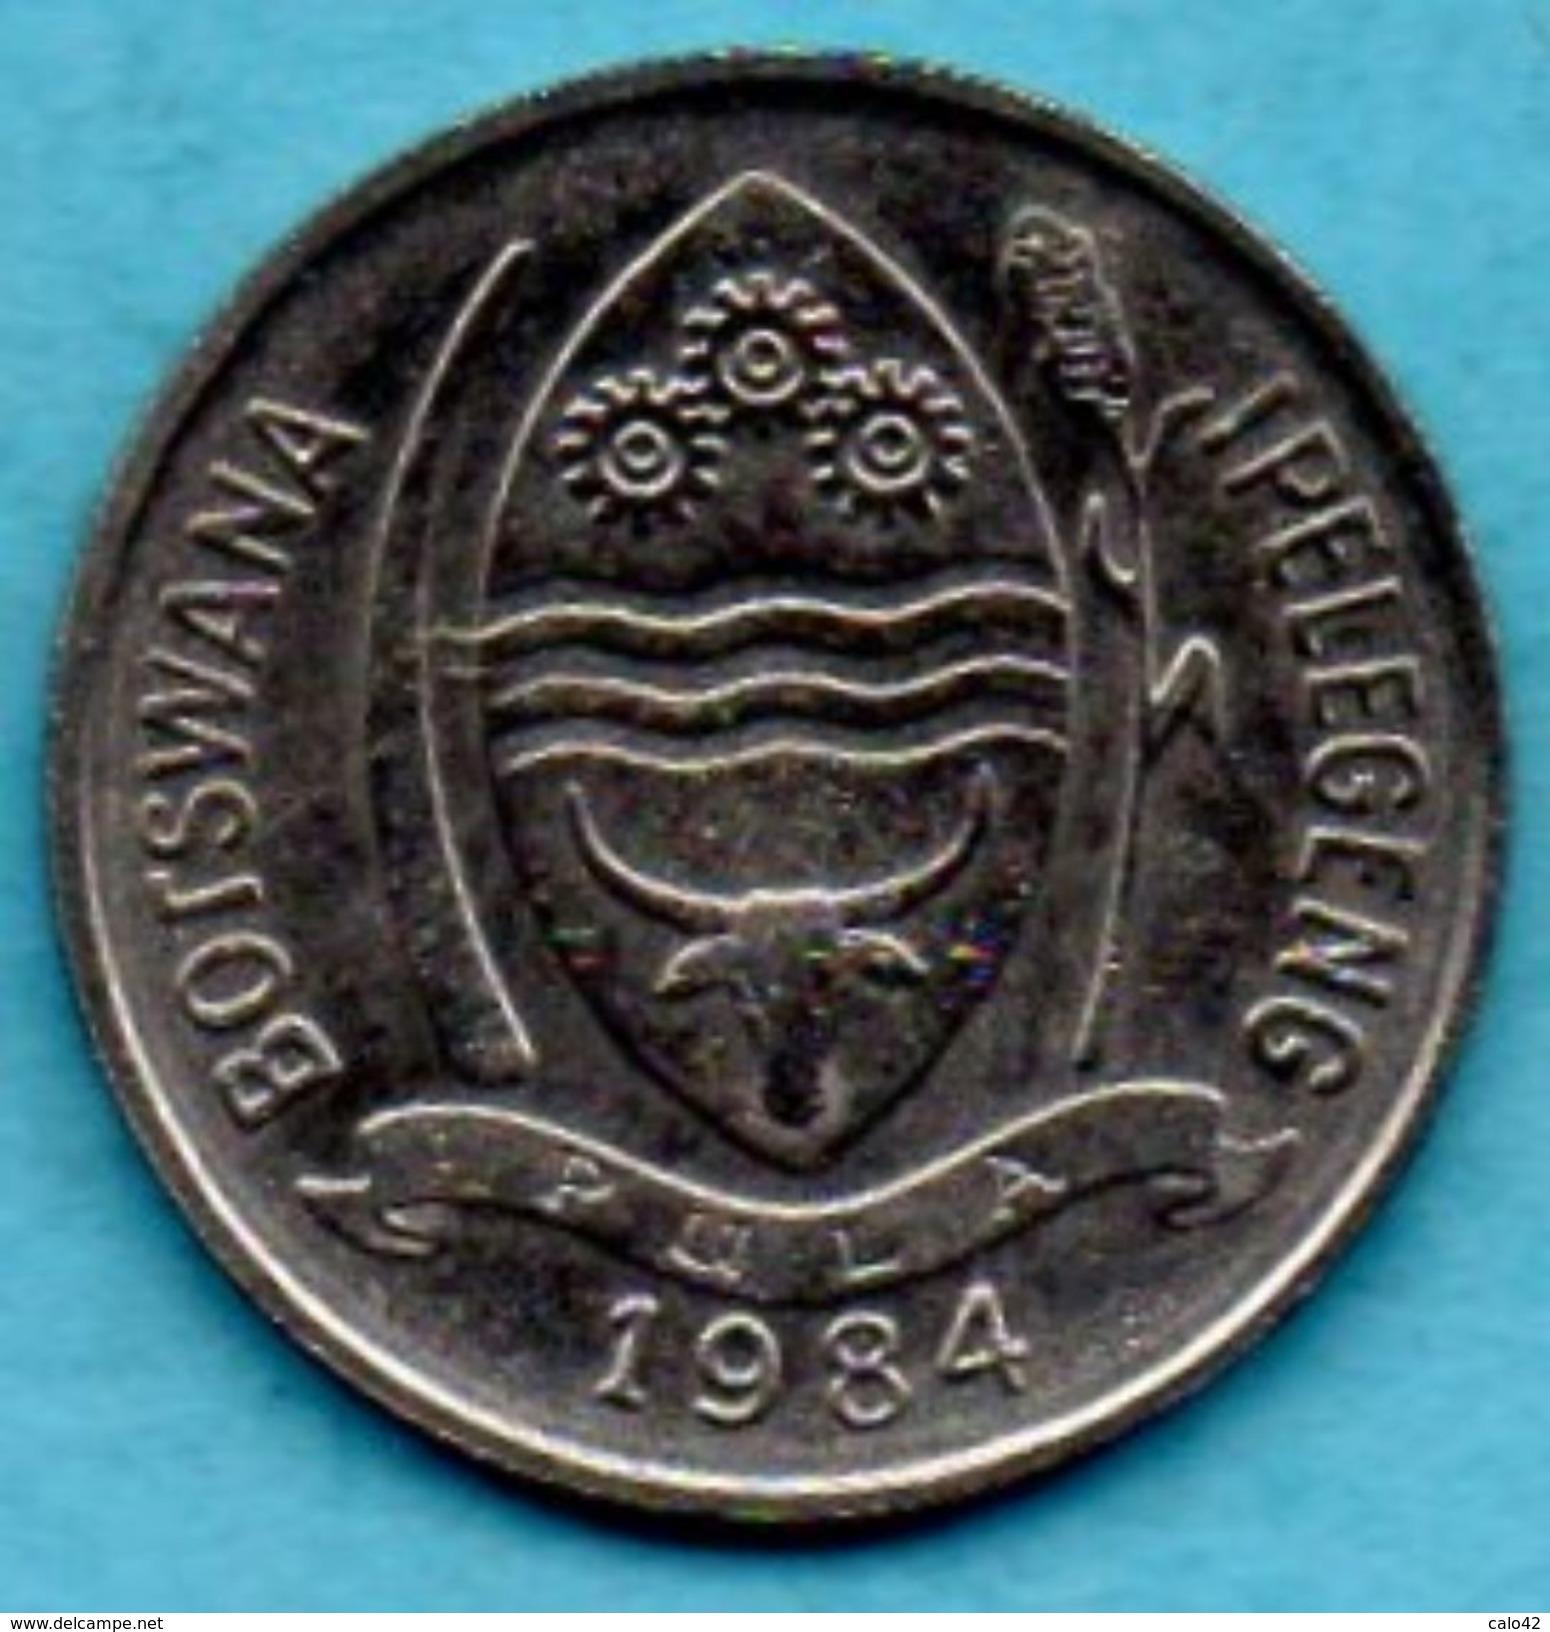 C5/ BOTSWANA 10 THEBE 1984 - Botswana